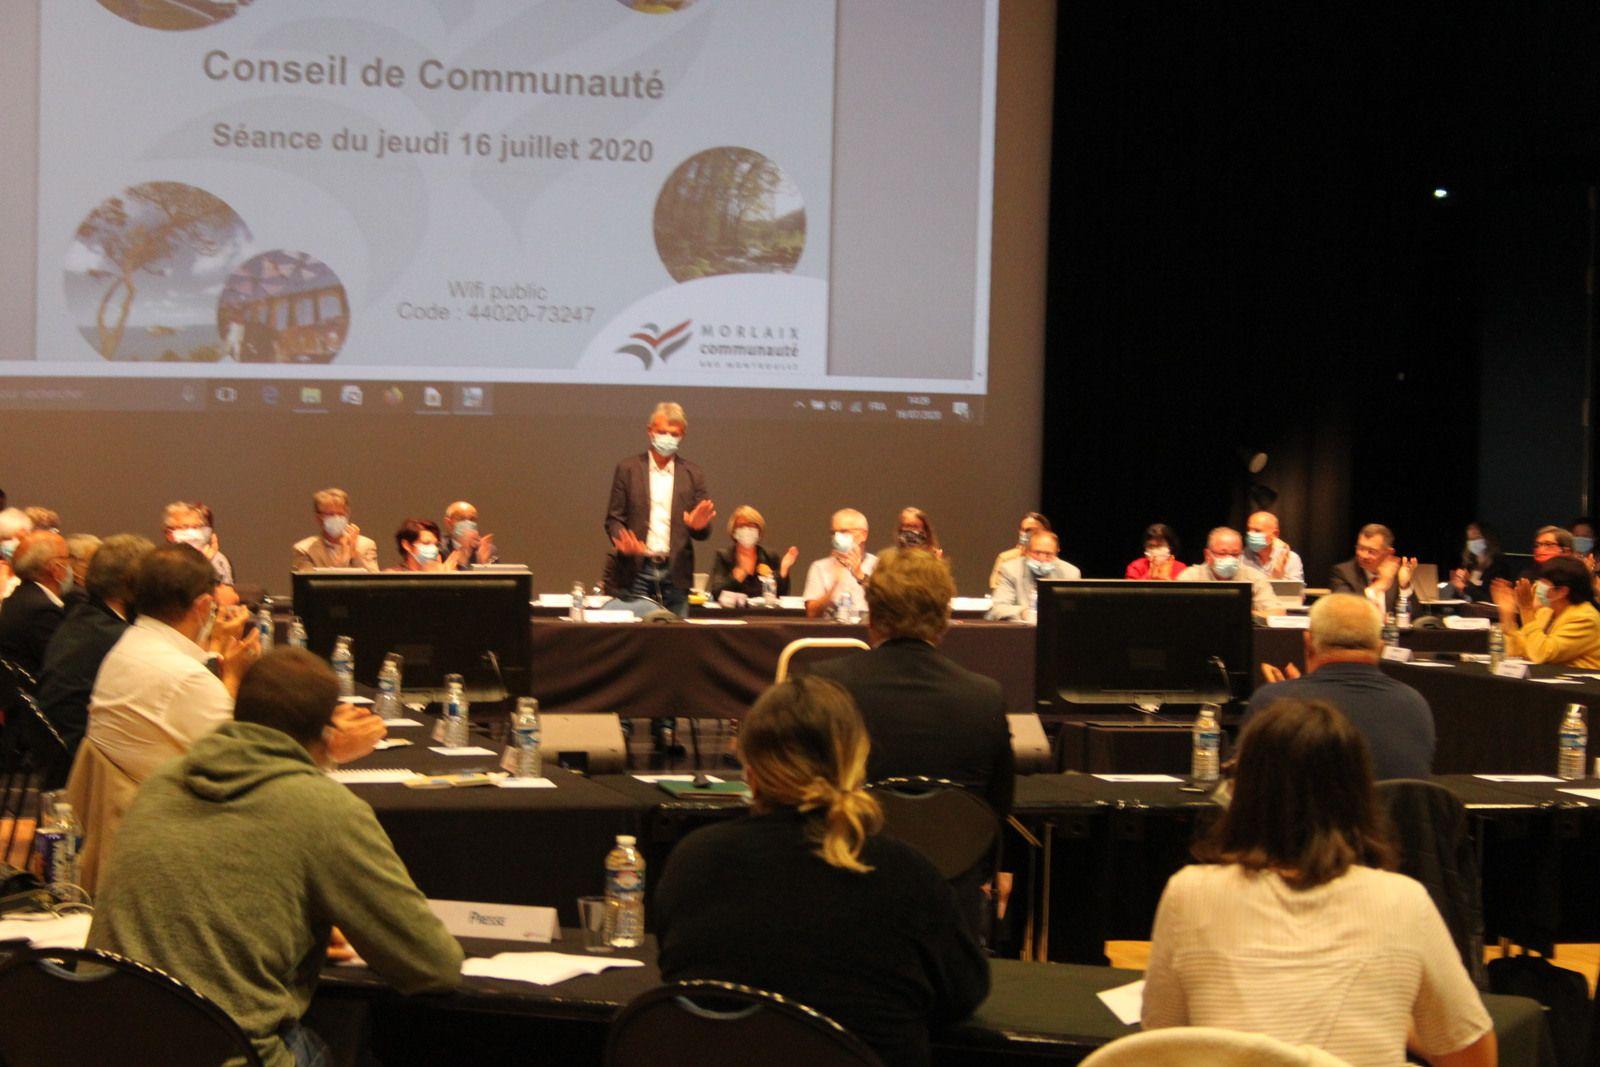 Conseil communautaire du 16 juillet 2020 - élection du président Jean-Paul Vermot, des vice-présidents et conseillers délégués - Photos Jean-Luc Le Calvez et Ismaël Dupont